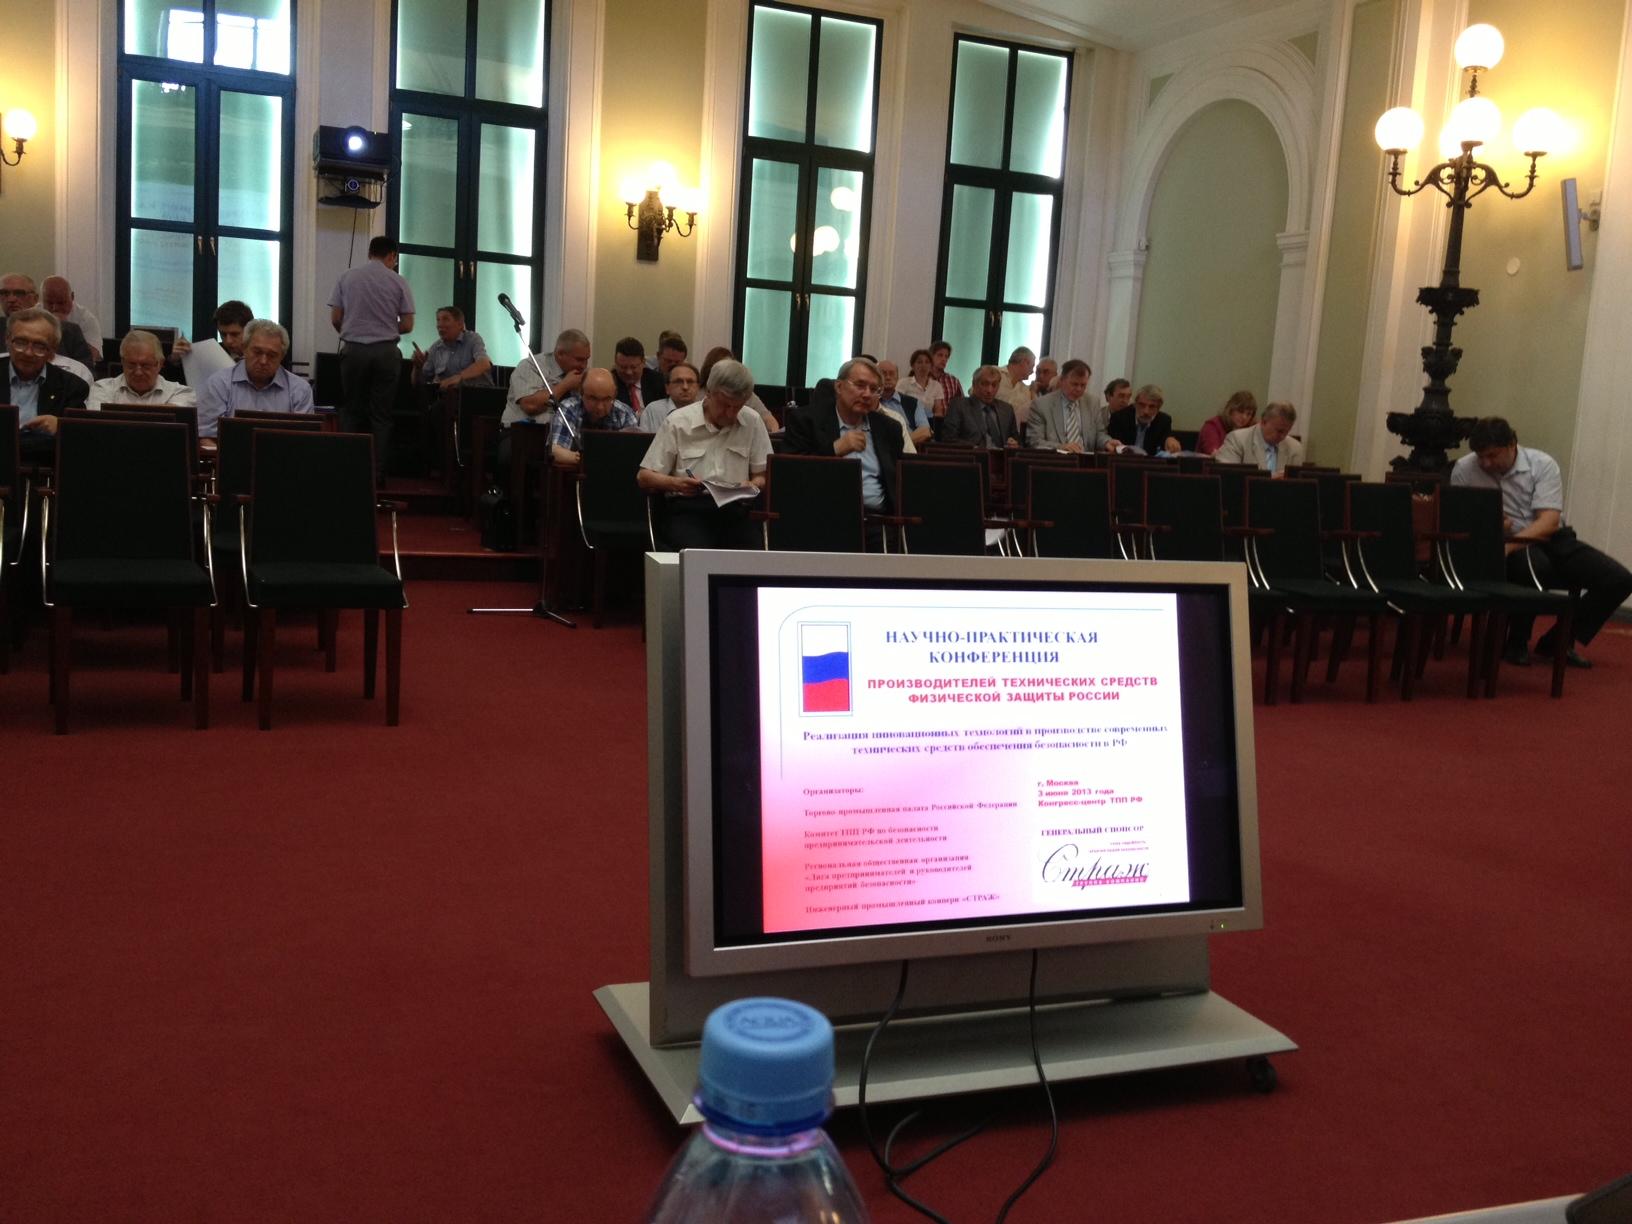 В Торгово-промышленной палате РФ прошла научно-практическая конференция об инновационных технологиях в производстве средств обеспечения безопасности.